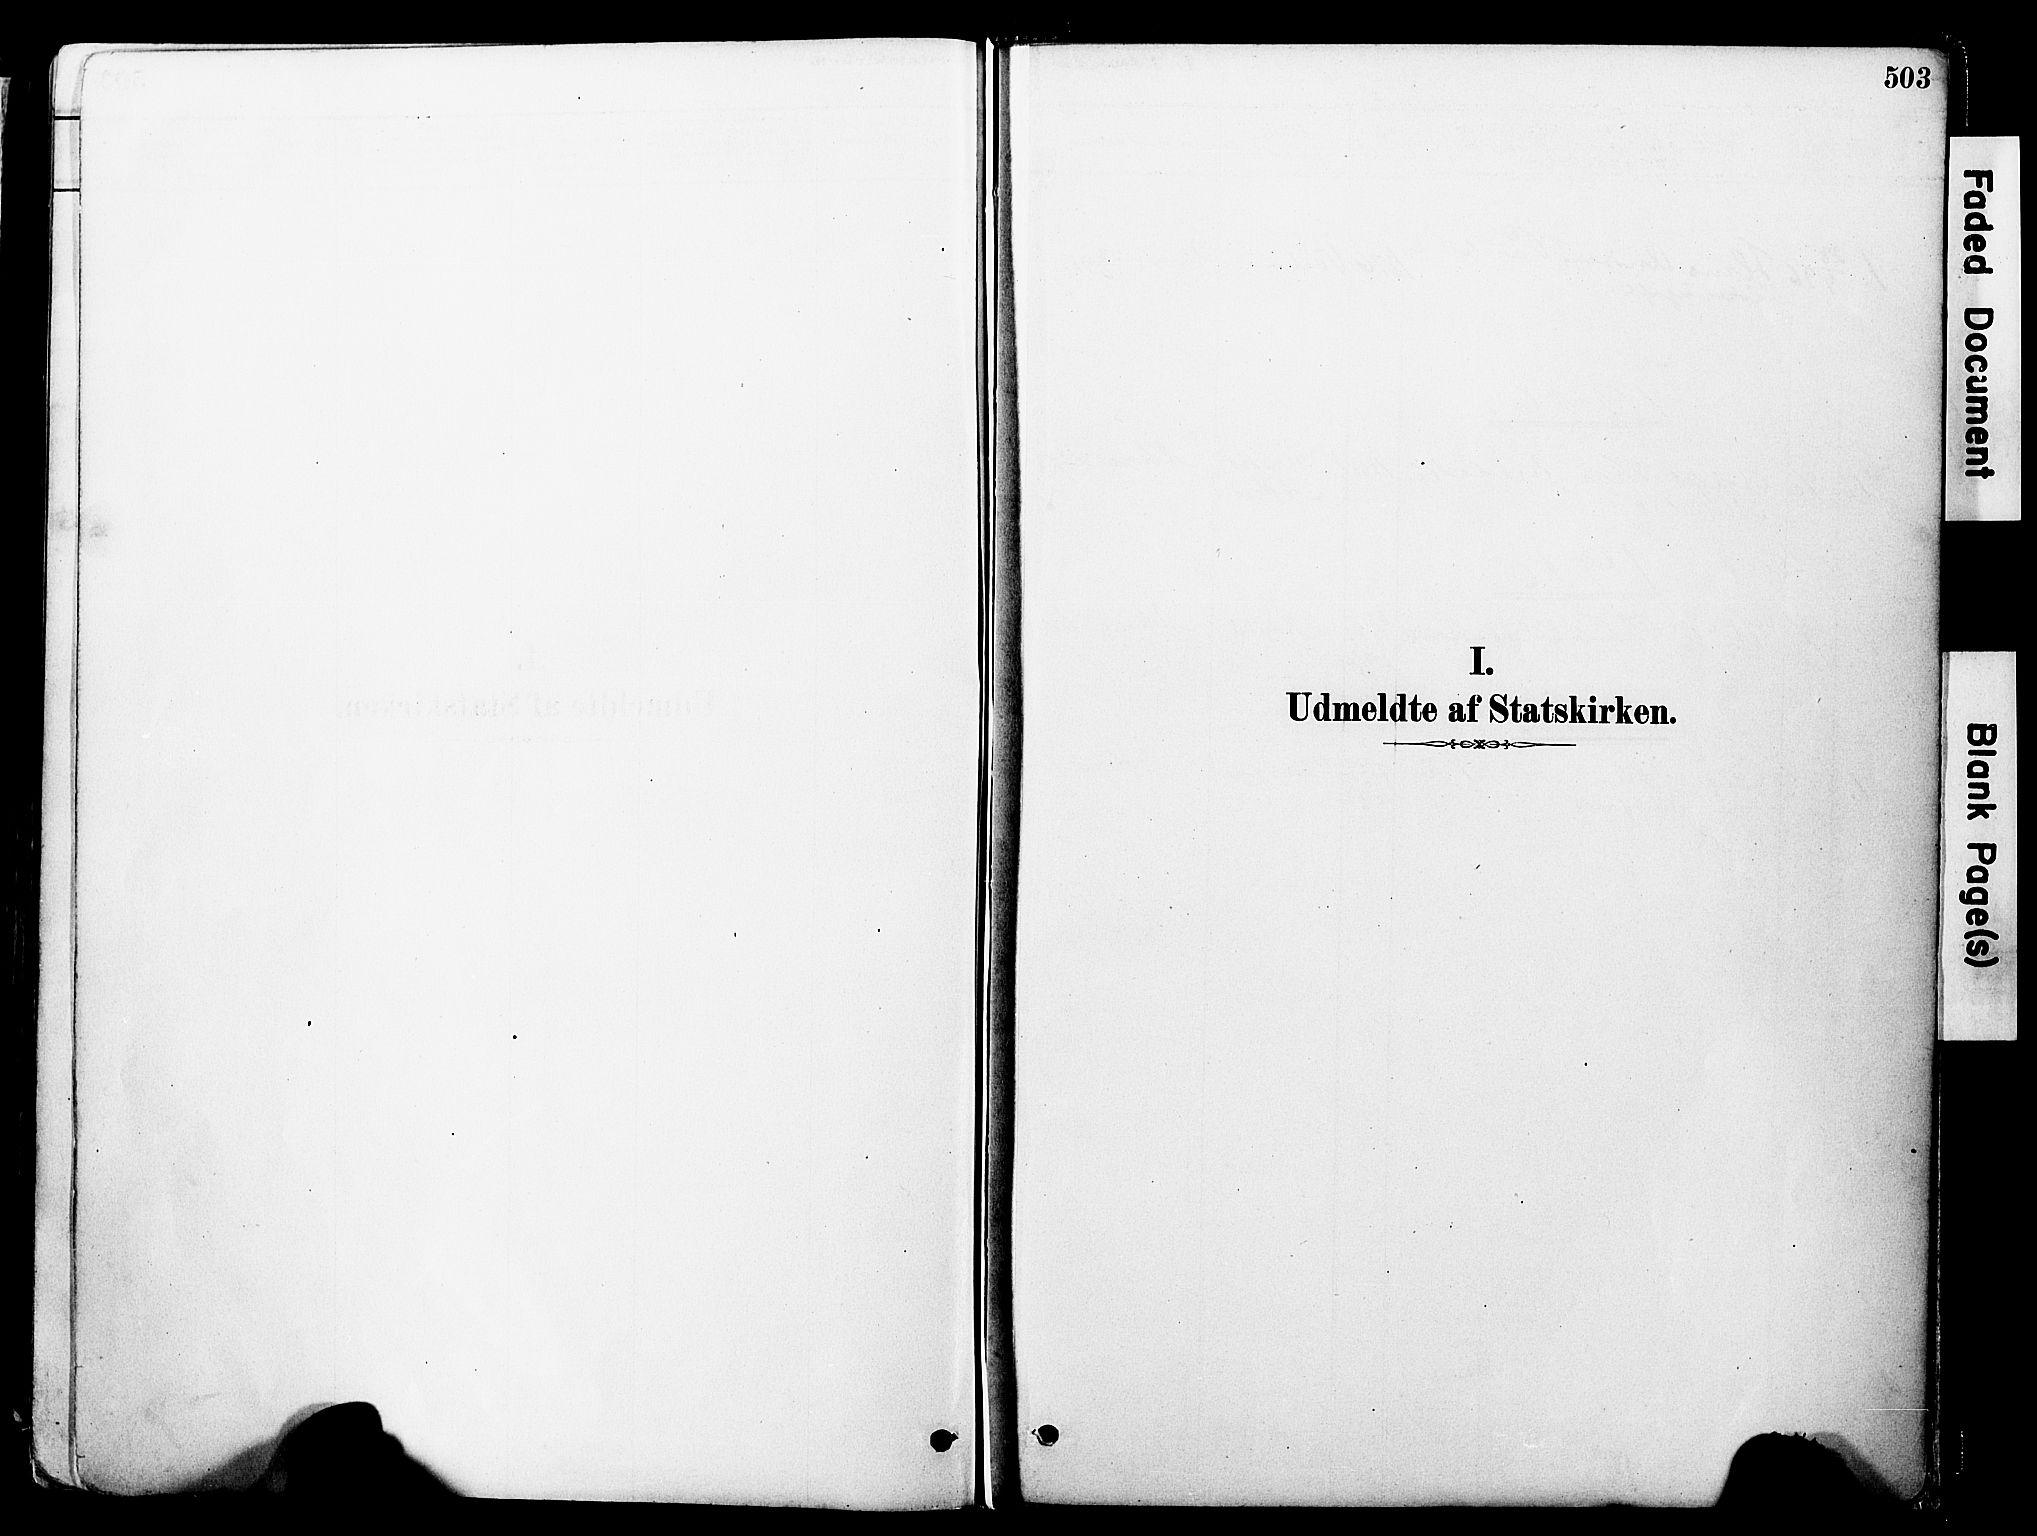 SAT, Ministerialprotokoller, klokkerbøker og fødselsregistre - Møre og Romsdal, 560/L0721: Parish register (official) no. 560A05, 1878-1917, p. 503